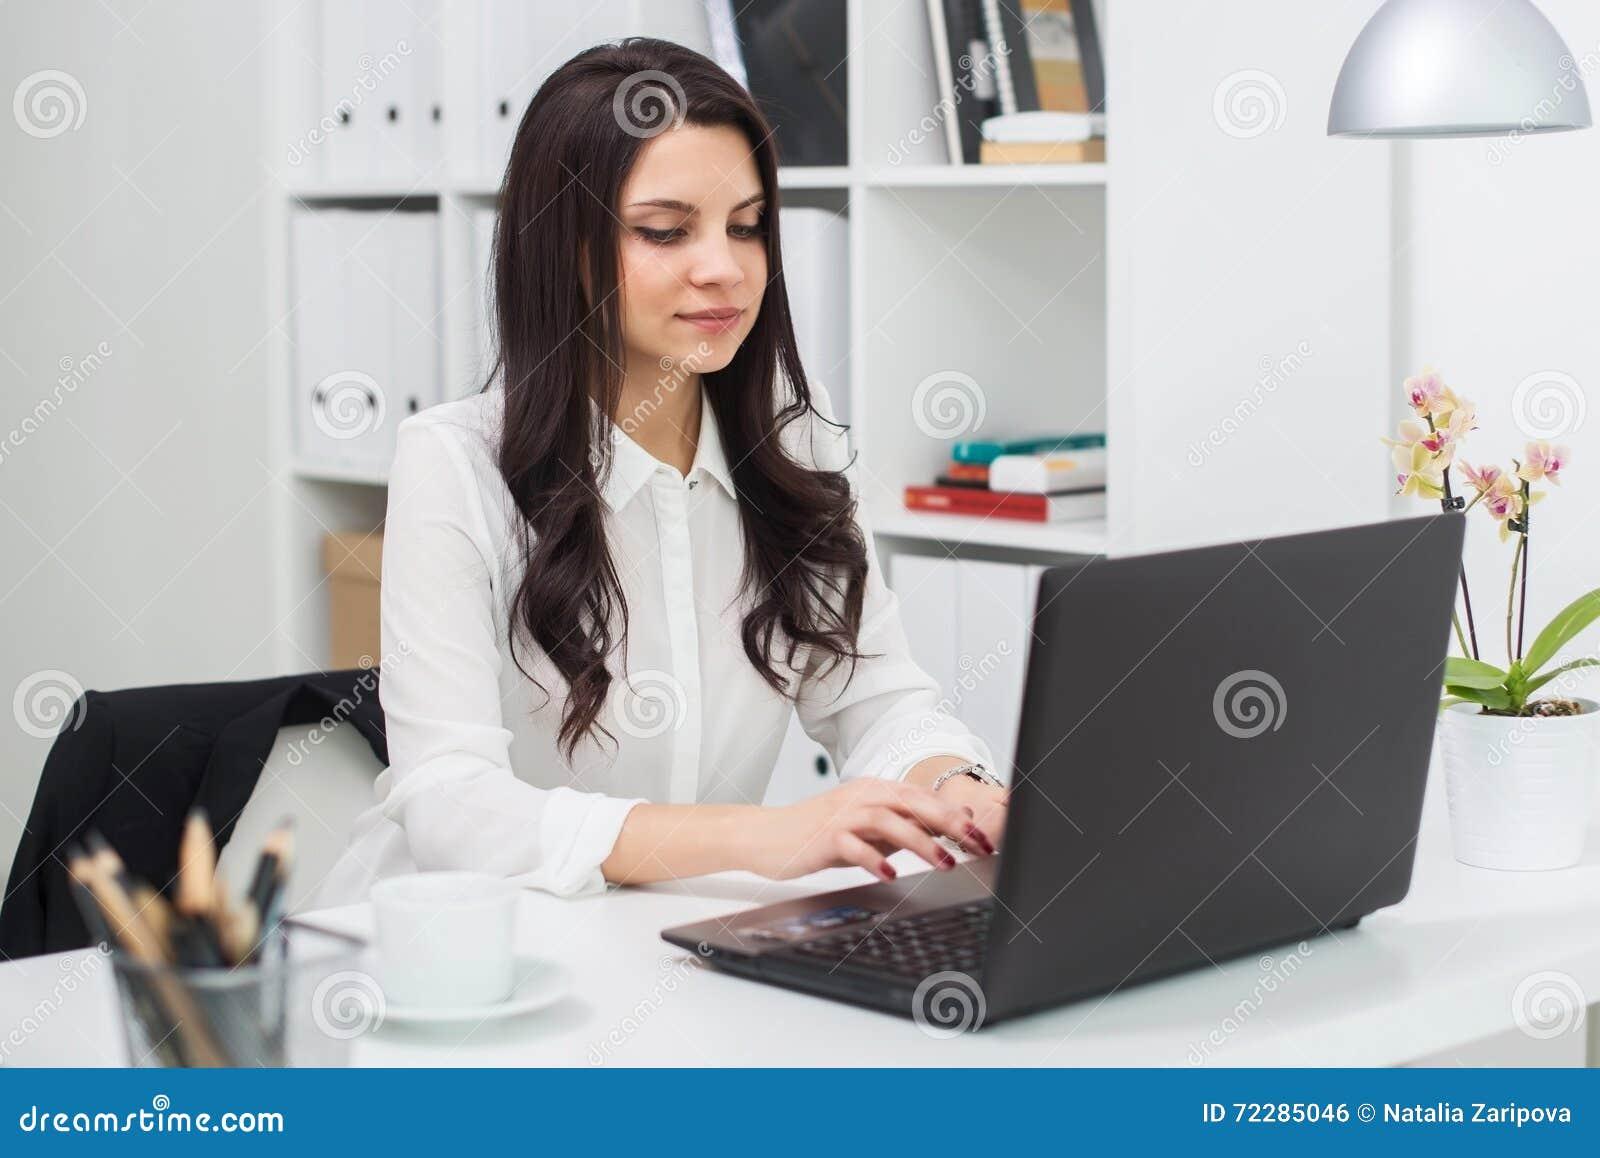 Download Бизнес-леди с тетрадью в офисе, рабочем месте Стоковое Фото - изображение насчитывающей lifestyle, компания: 72285046